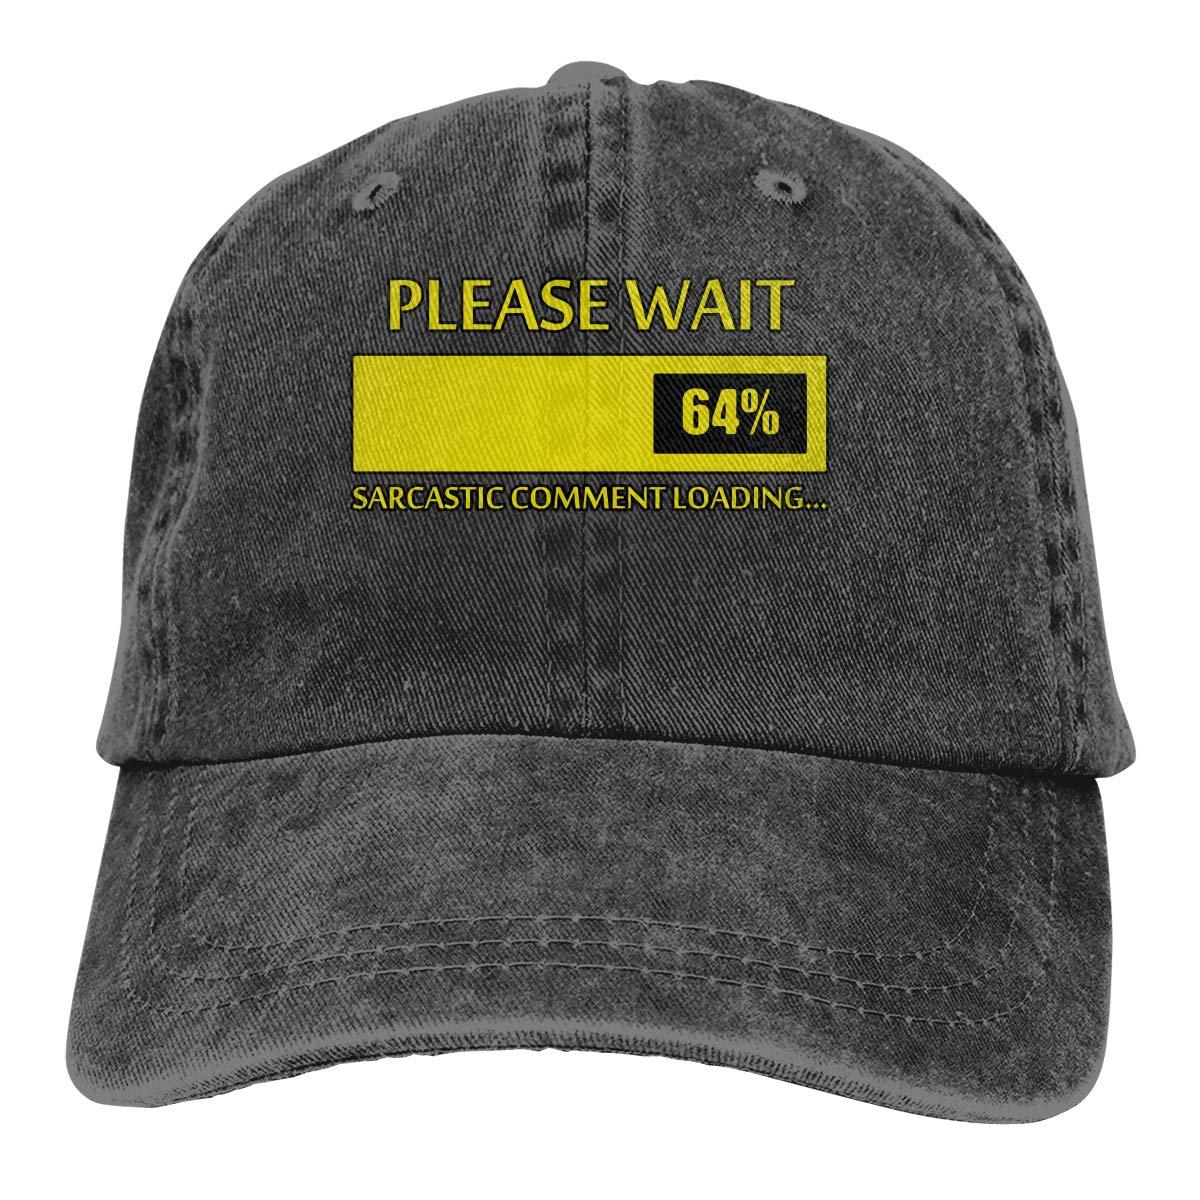 Men Women Please Wait Sarcastic Comment Loading Vintage Washed Dad Hat Popular Adjustable Baseball Cap